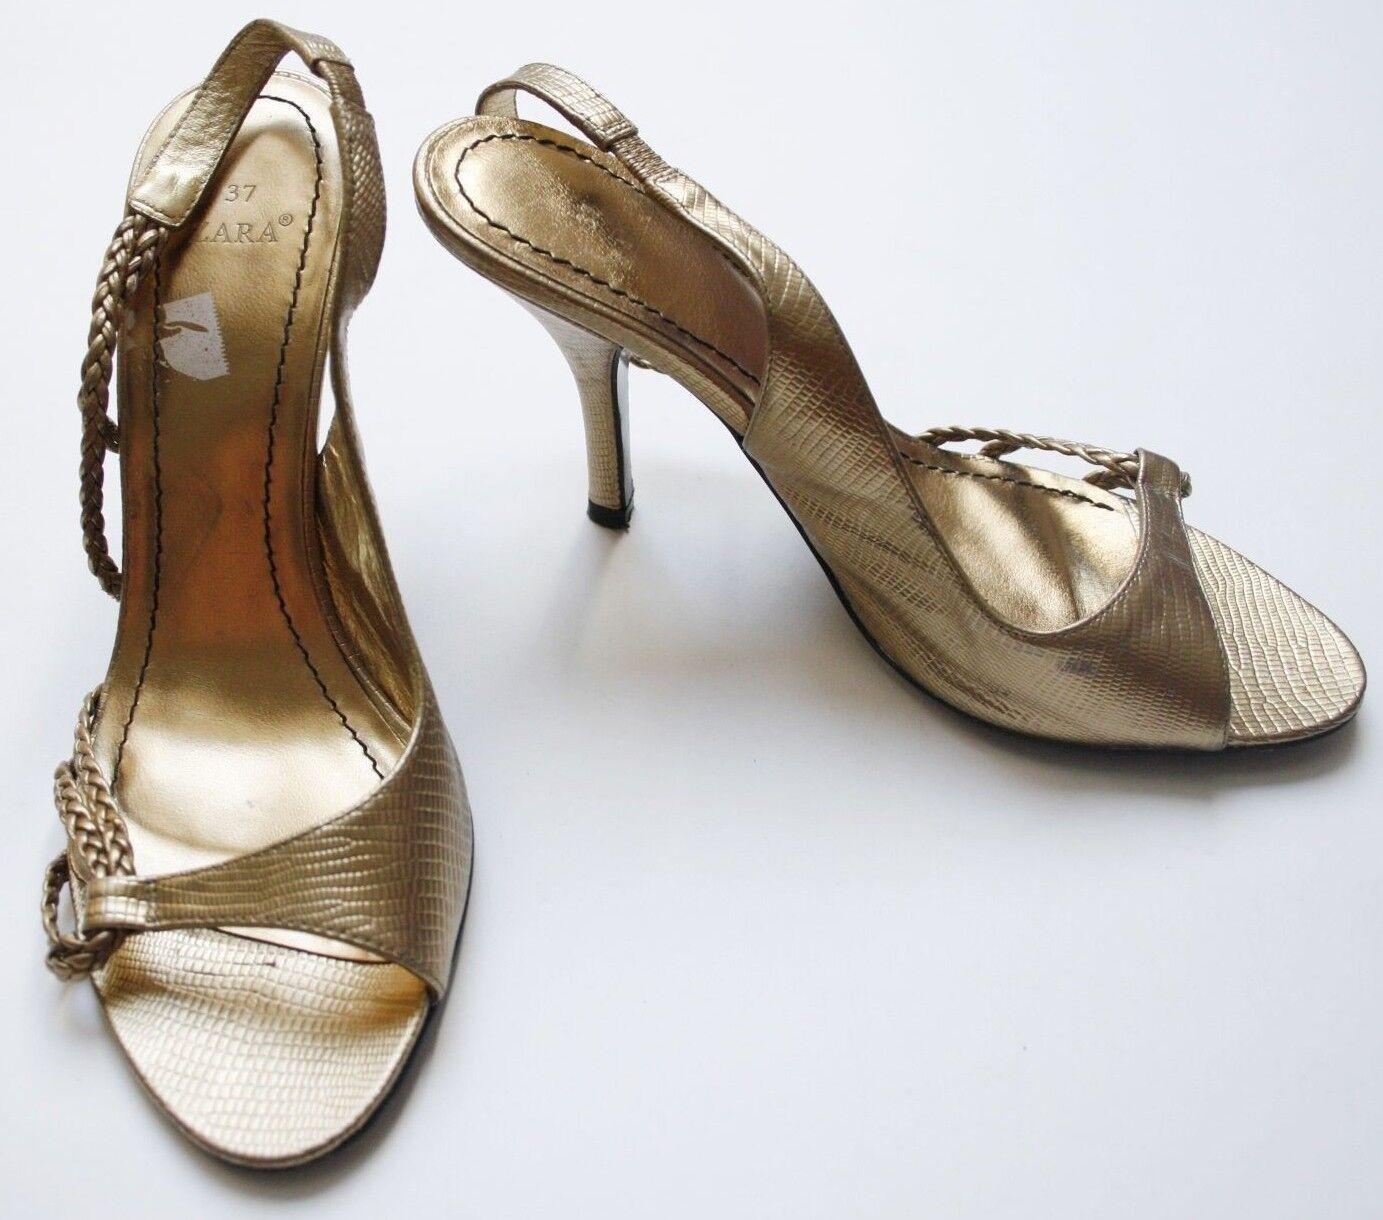 ZARA Stiletto Sandalen 37 Heels Metallic Gold Animal Braut Hochzeit Slingback